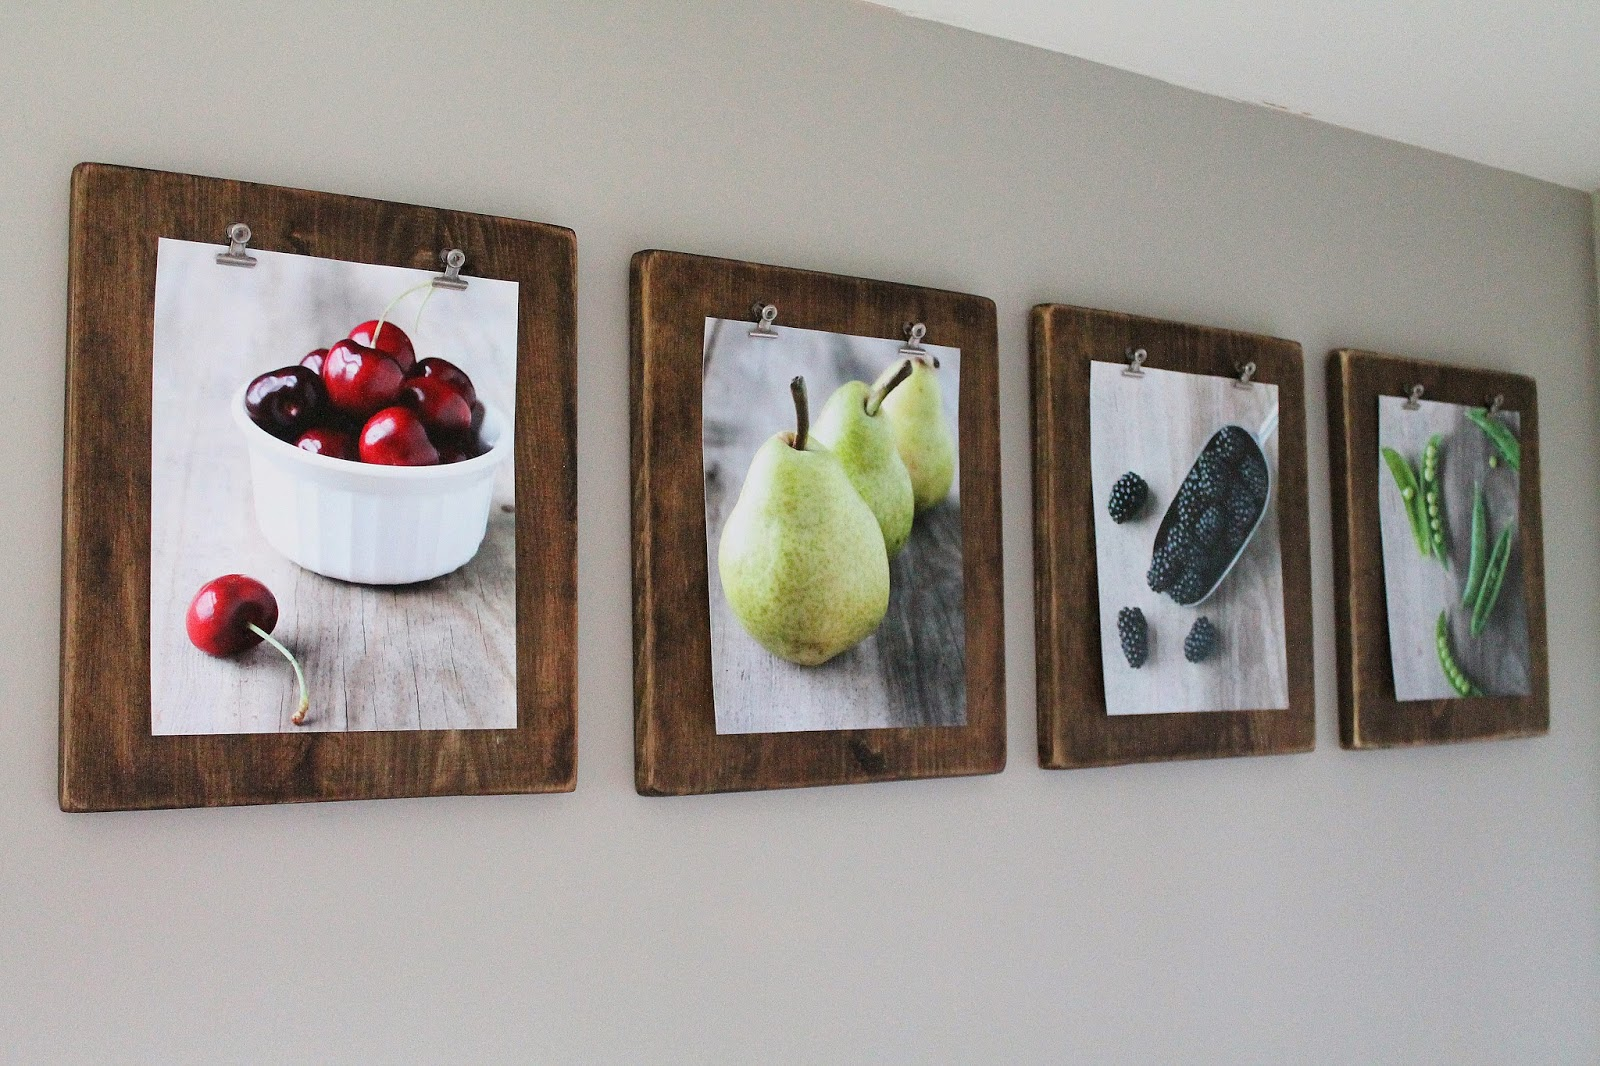 Картина для кухни своими руками из подручных материалов фото